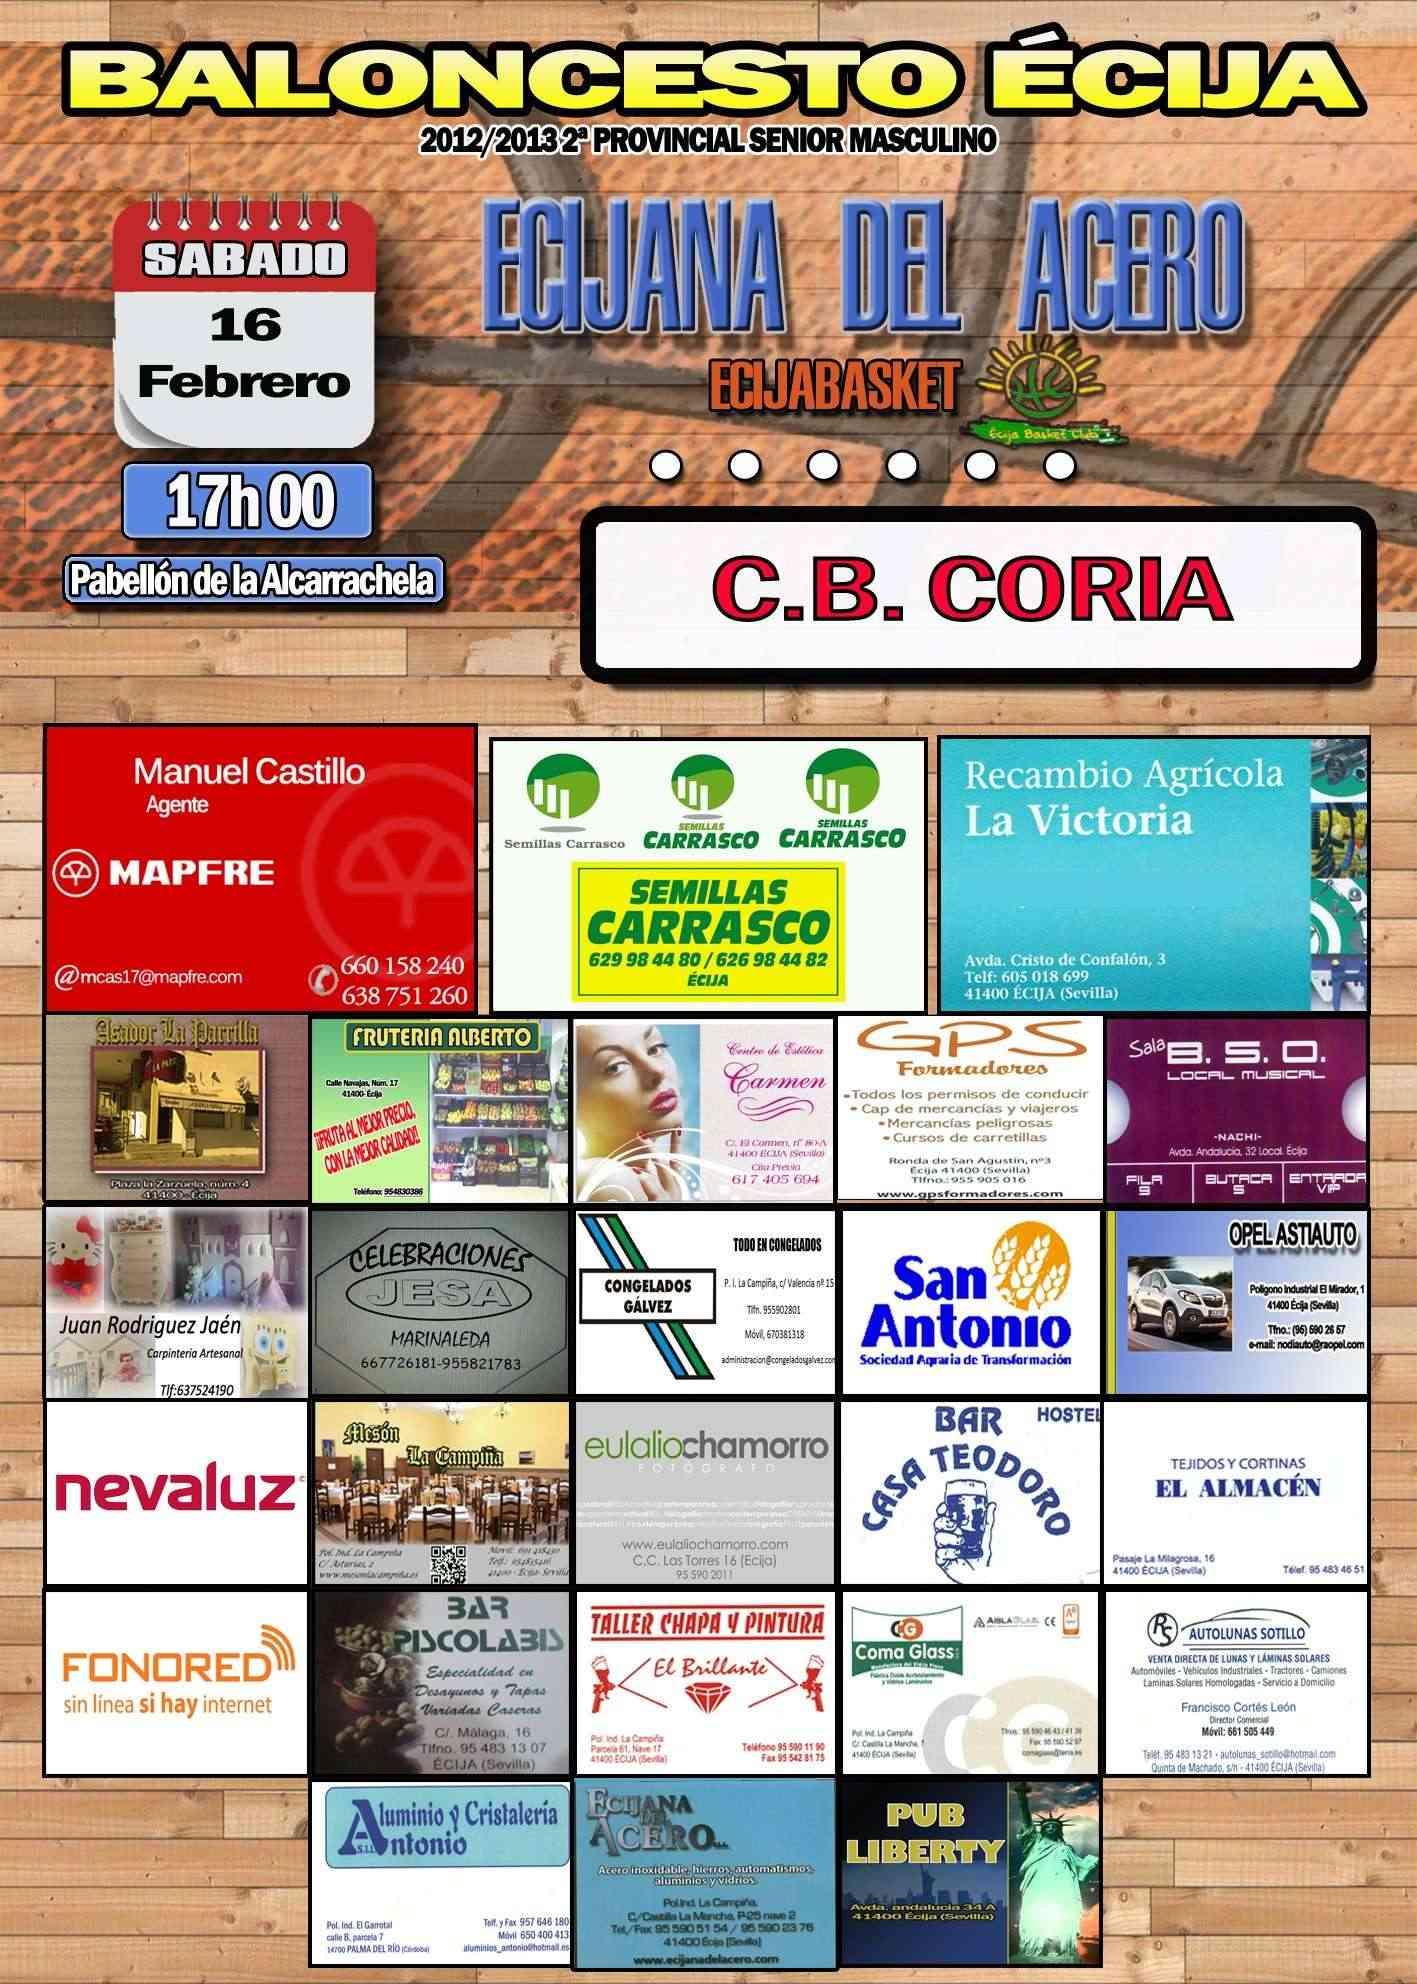 Cartel 16 Febrero 2013- Ecijana del Acero Vs C.B. Coria Nuestros patrocinadores. Ecija_10